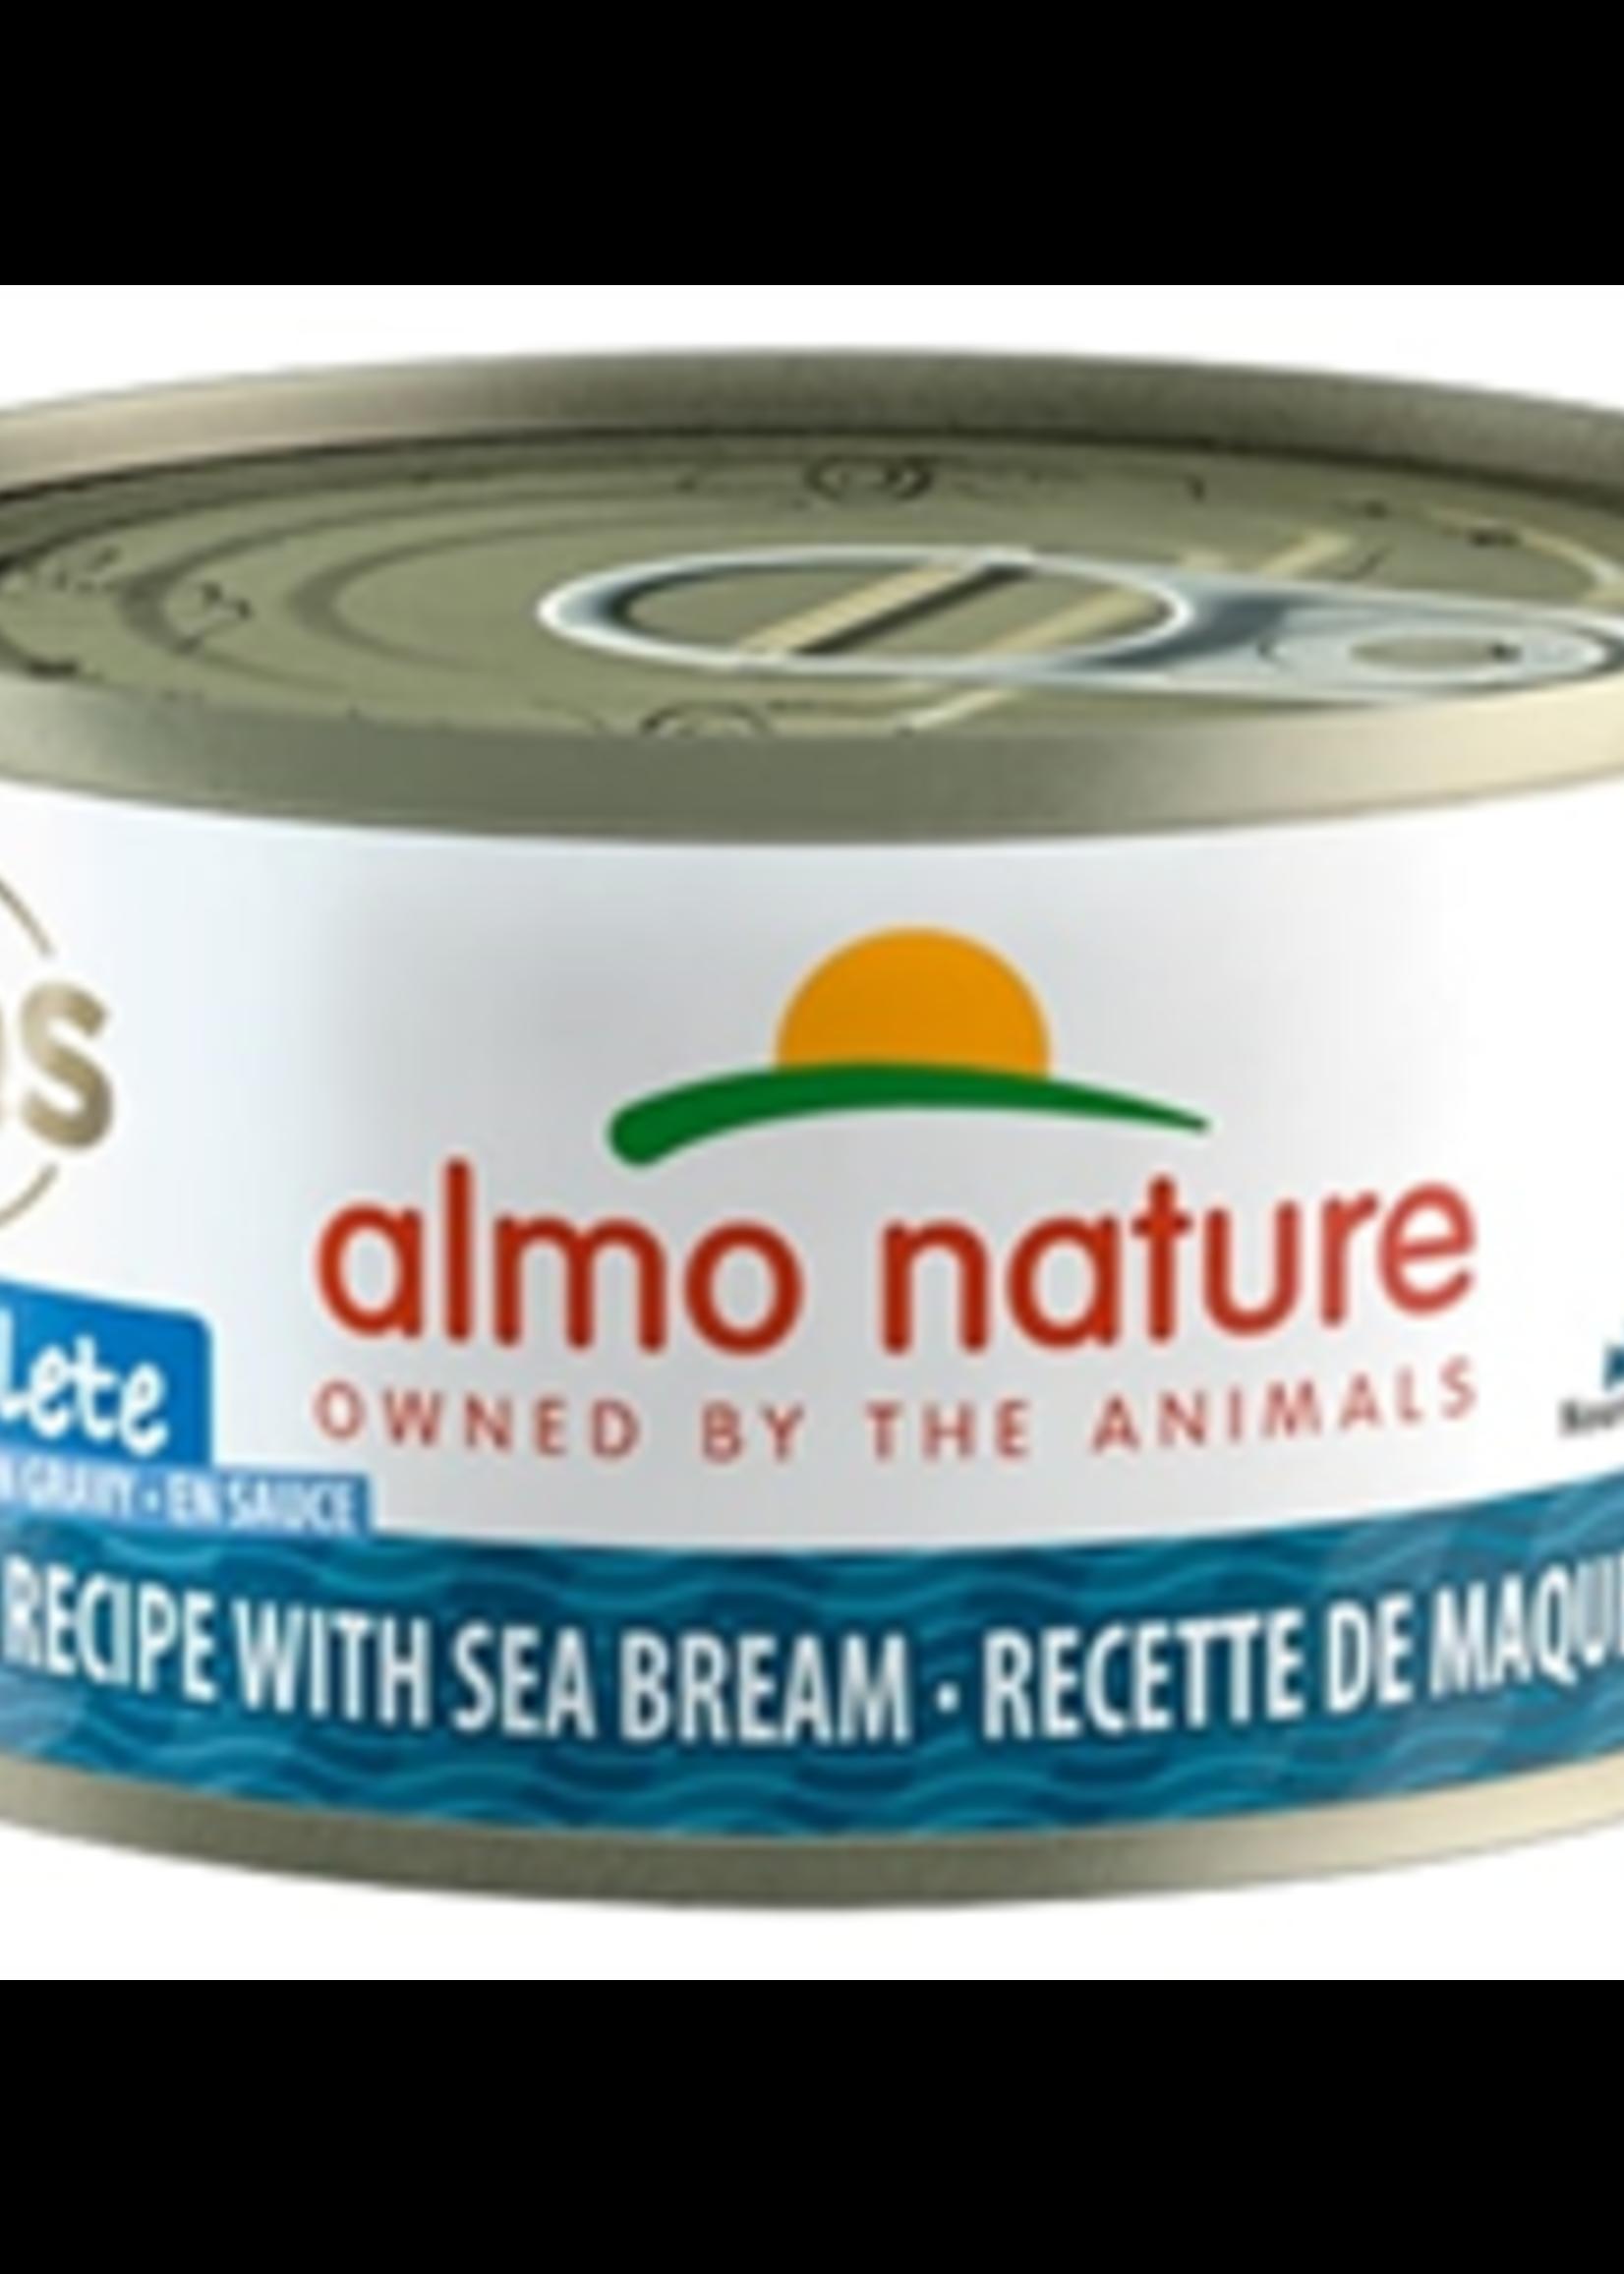 Almo Nature© Almo Nature HQS Complete Mackerel Recipe with Sea Bream in Gravy 70g